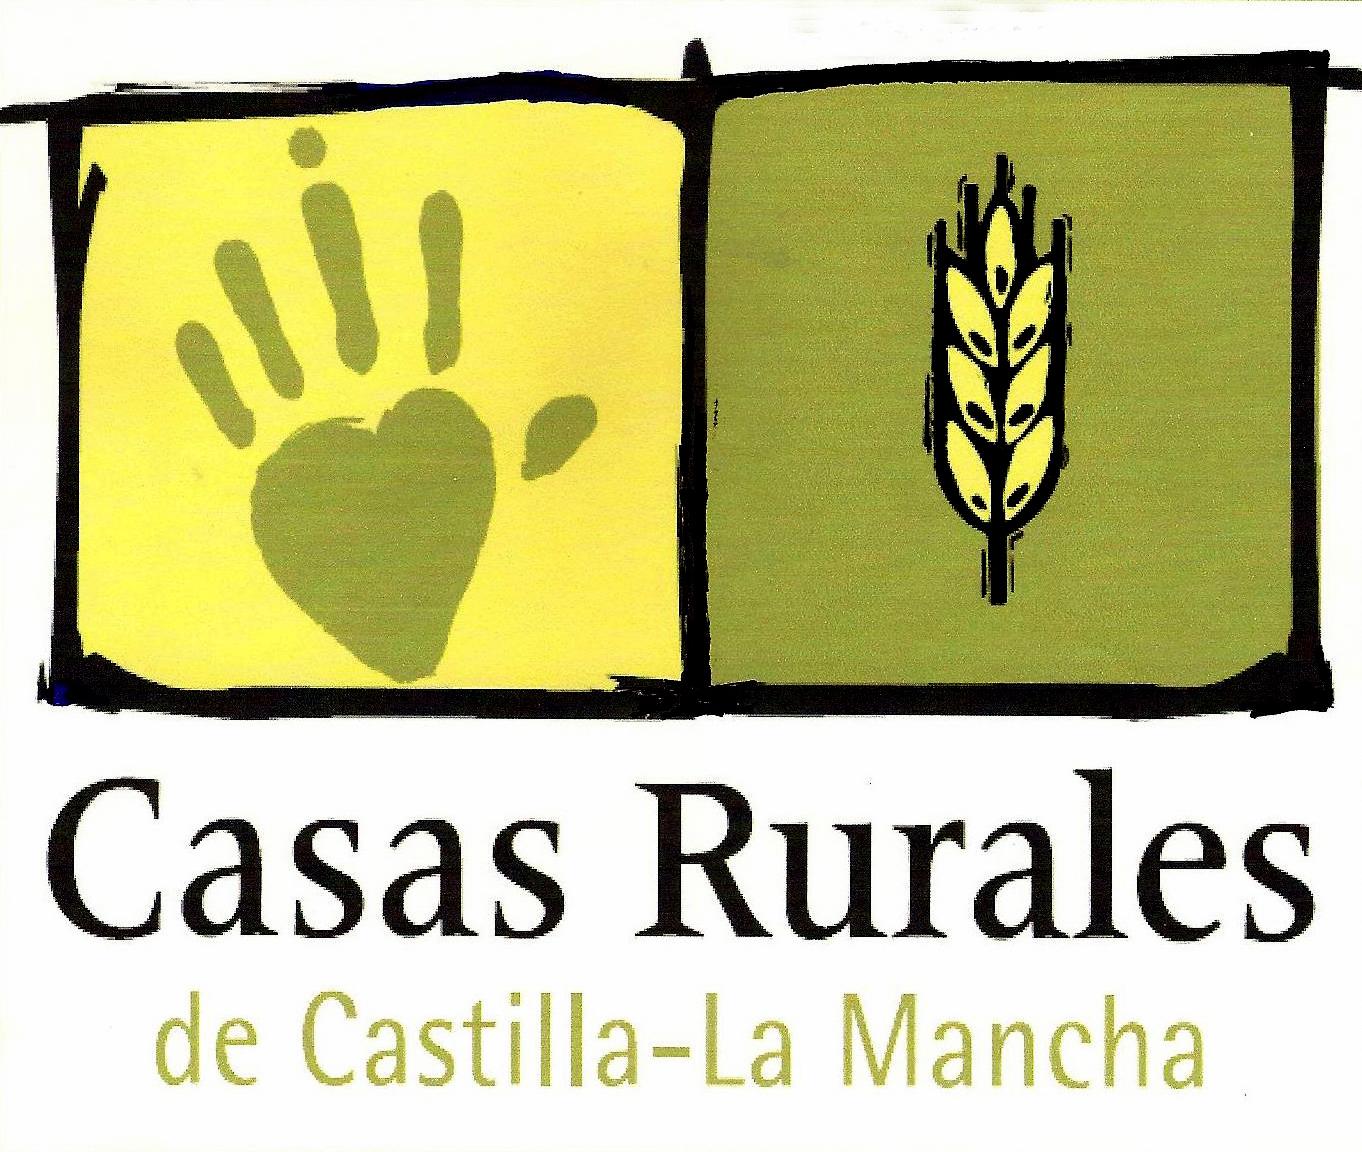 Casa rural en alarc n cuenca - Logo casa rural ...